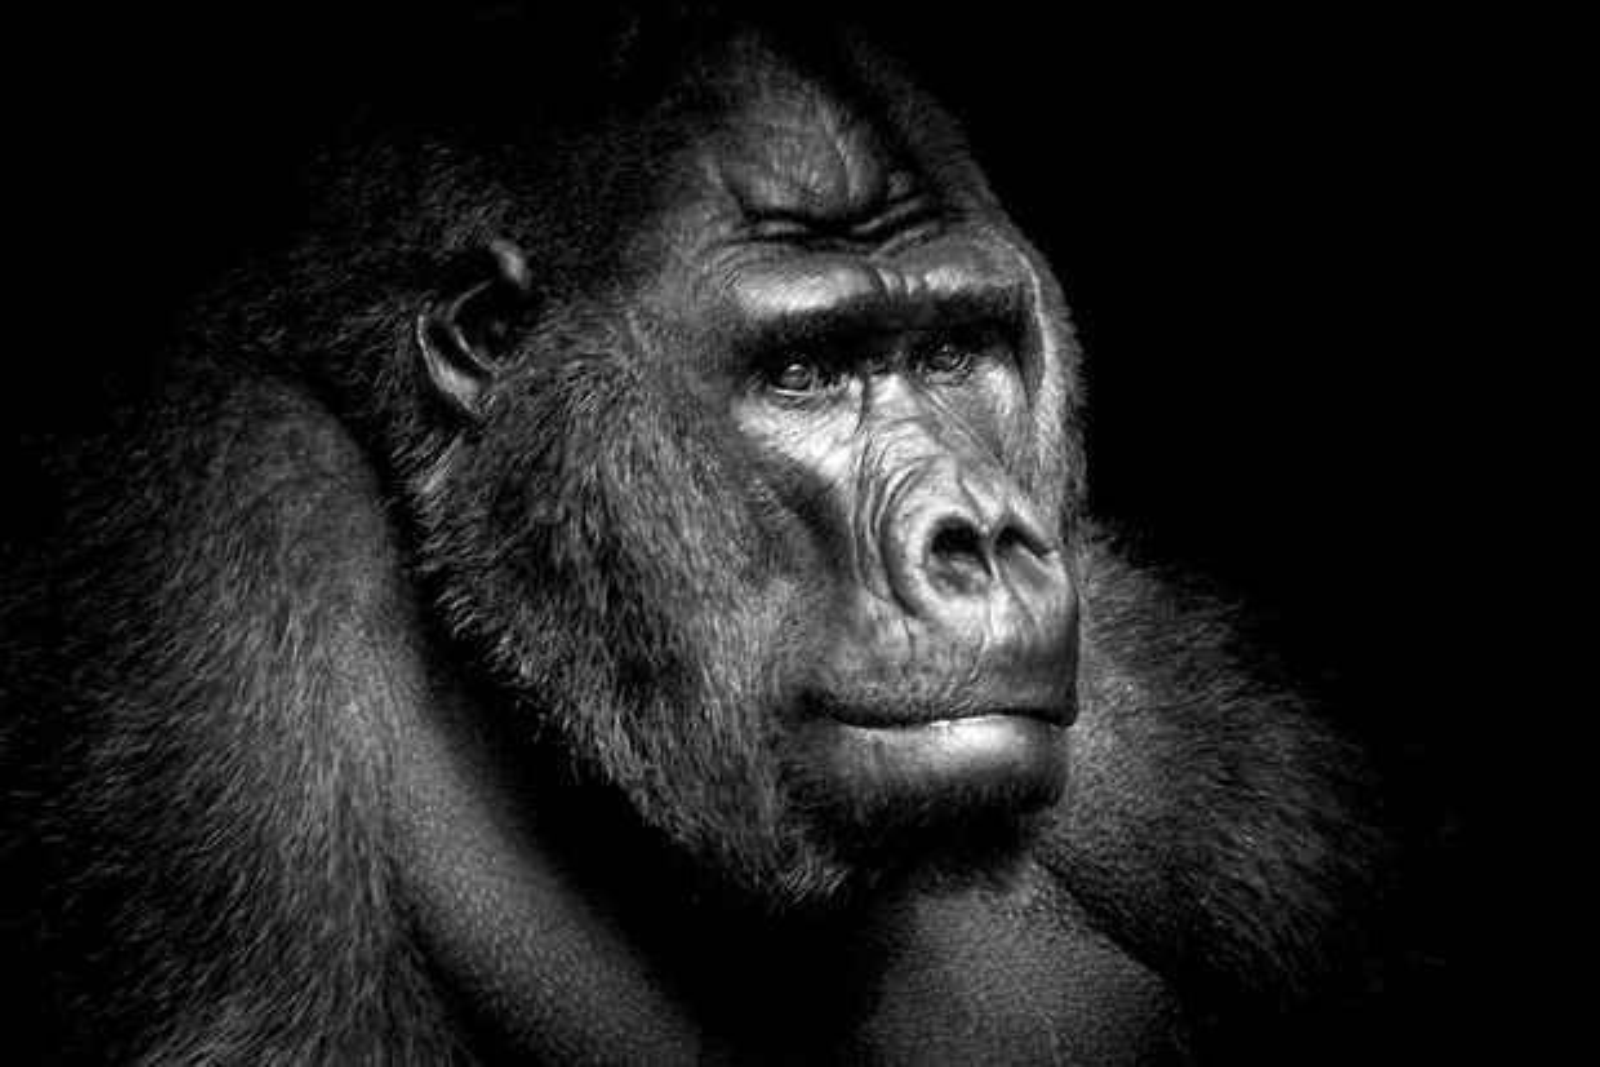 Gorilla Portrait - Wolf Ademeit